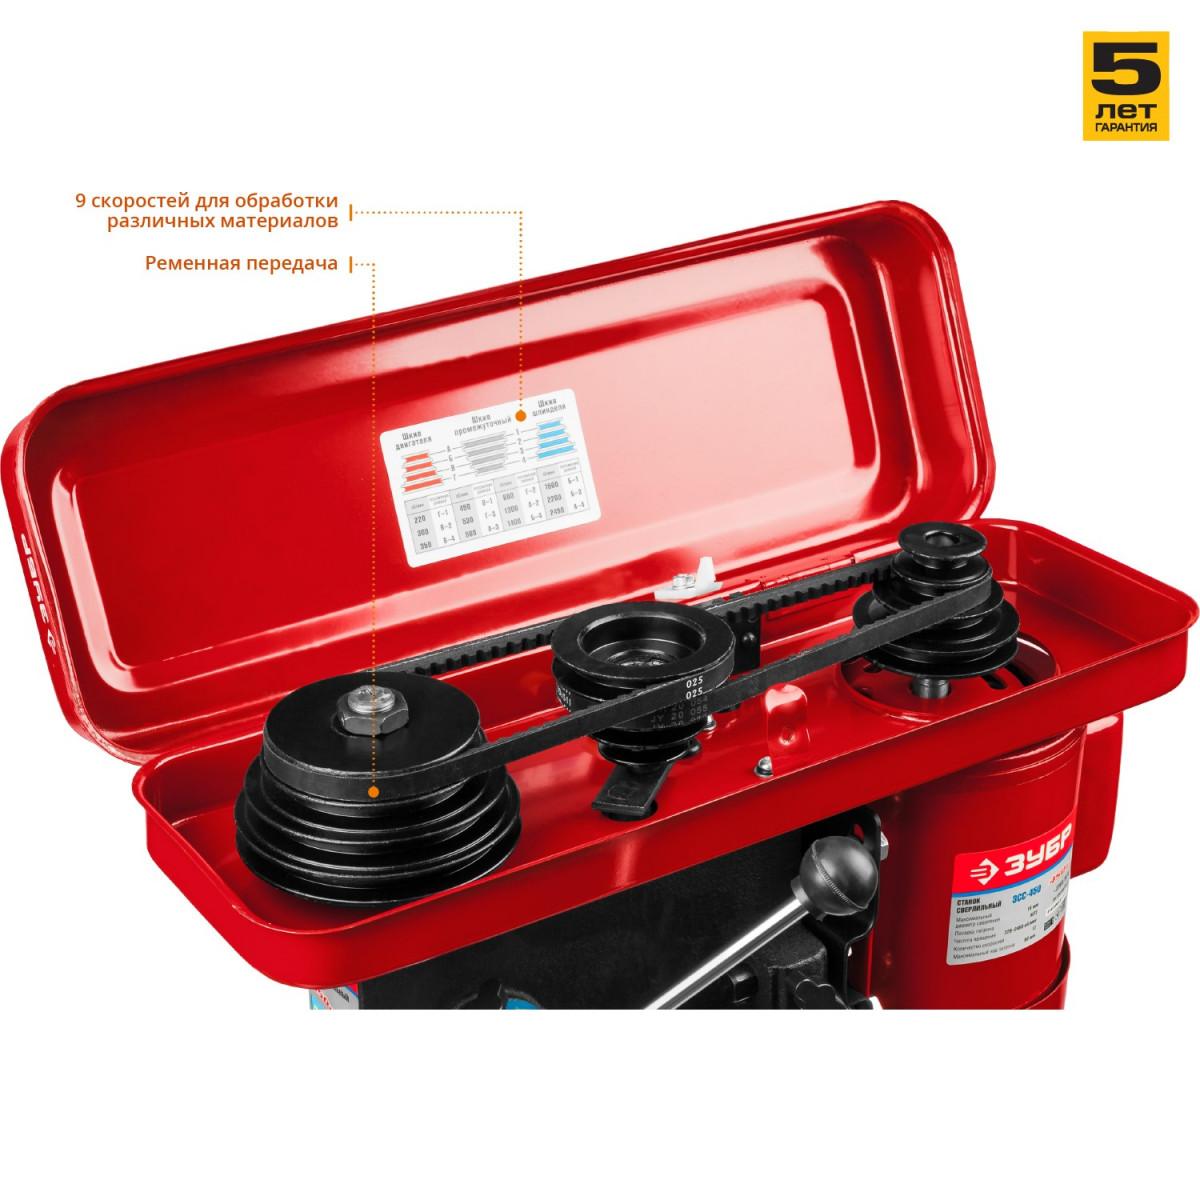 Станок сверлильный ЗУБР [ЗСС-450] { безопасный выключатель, 12 скор, патрон16мм)